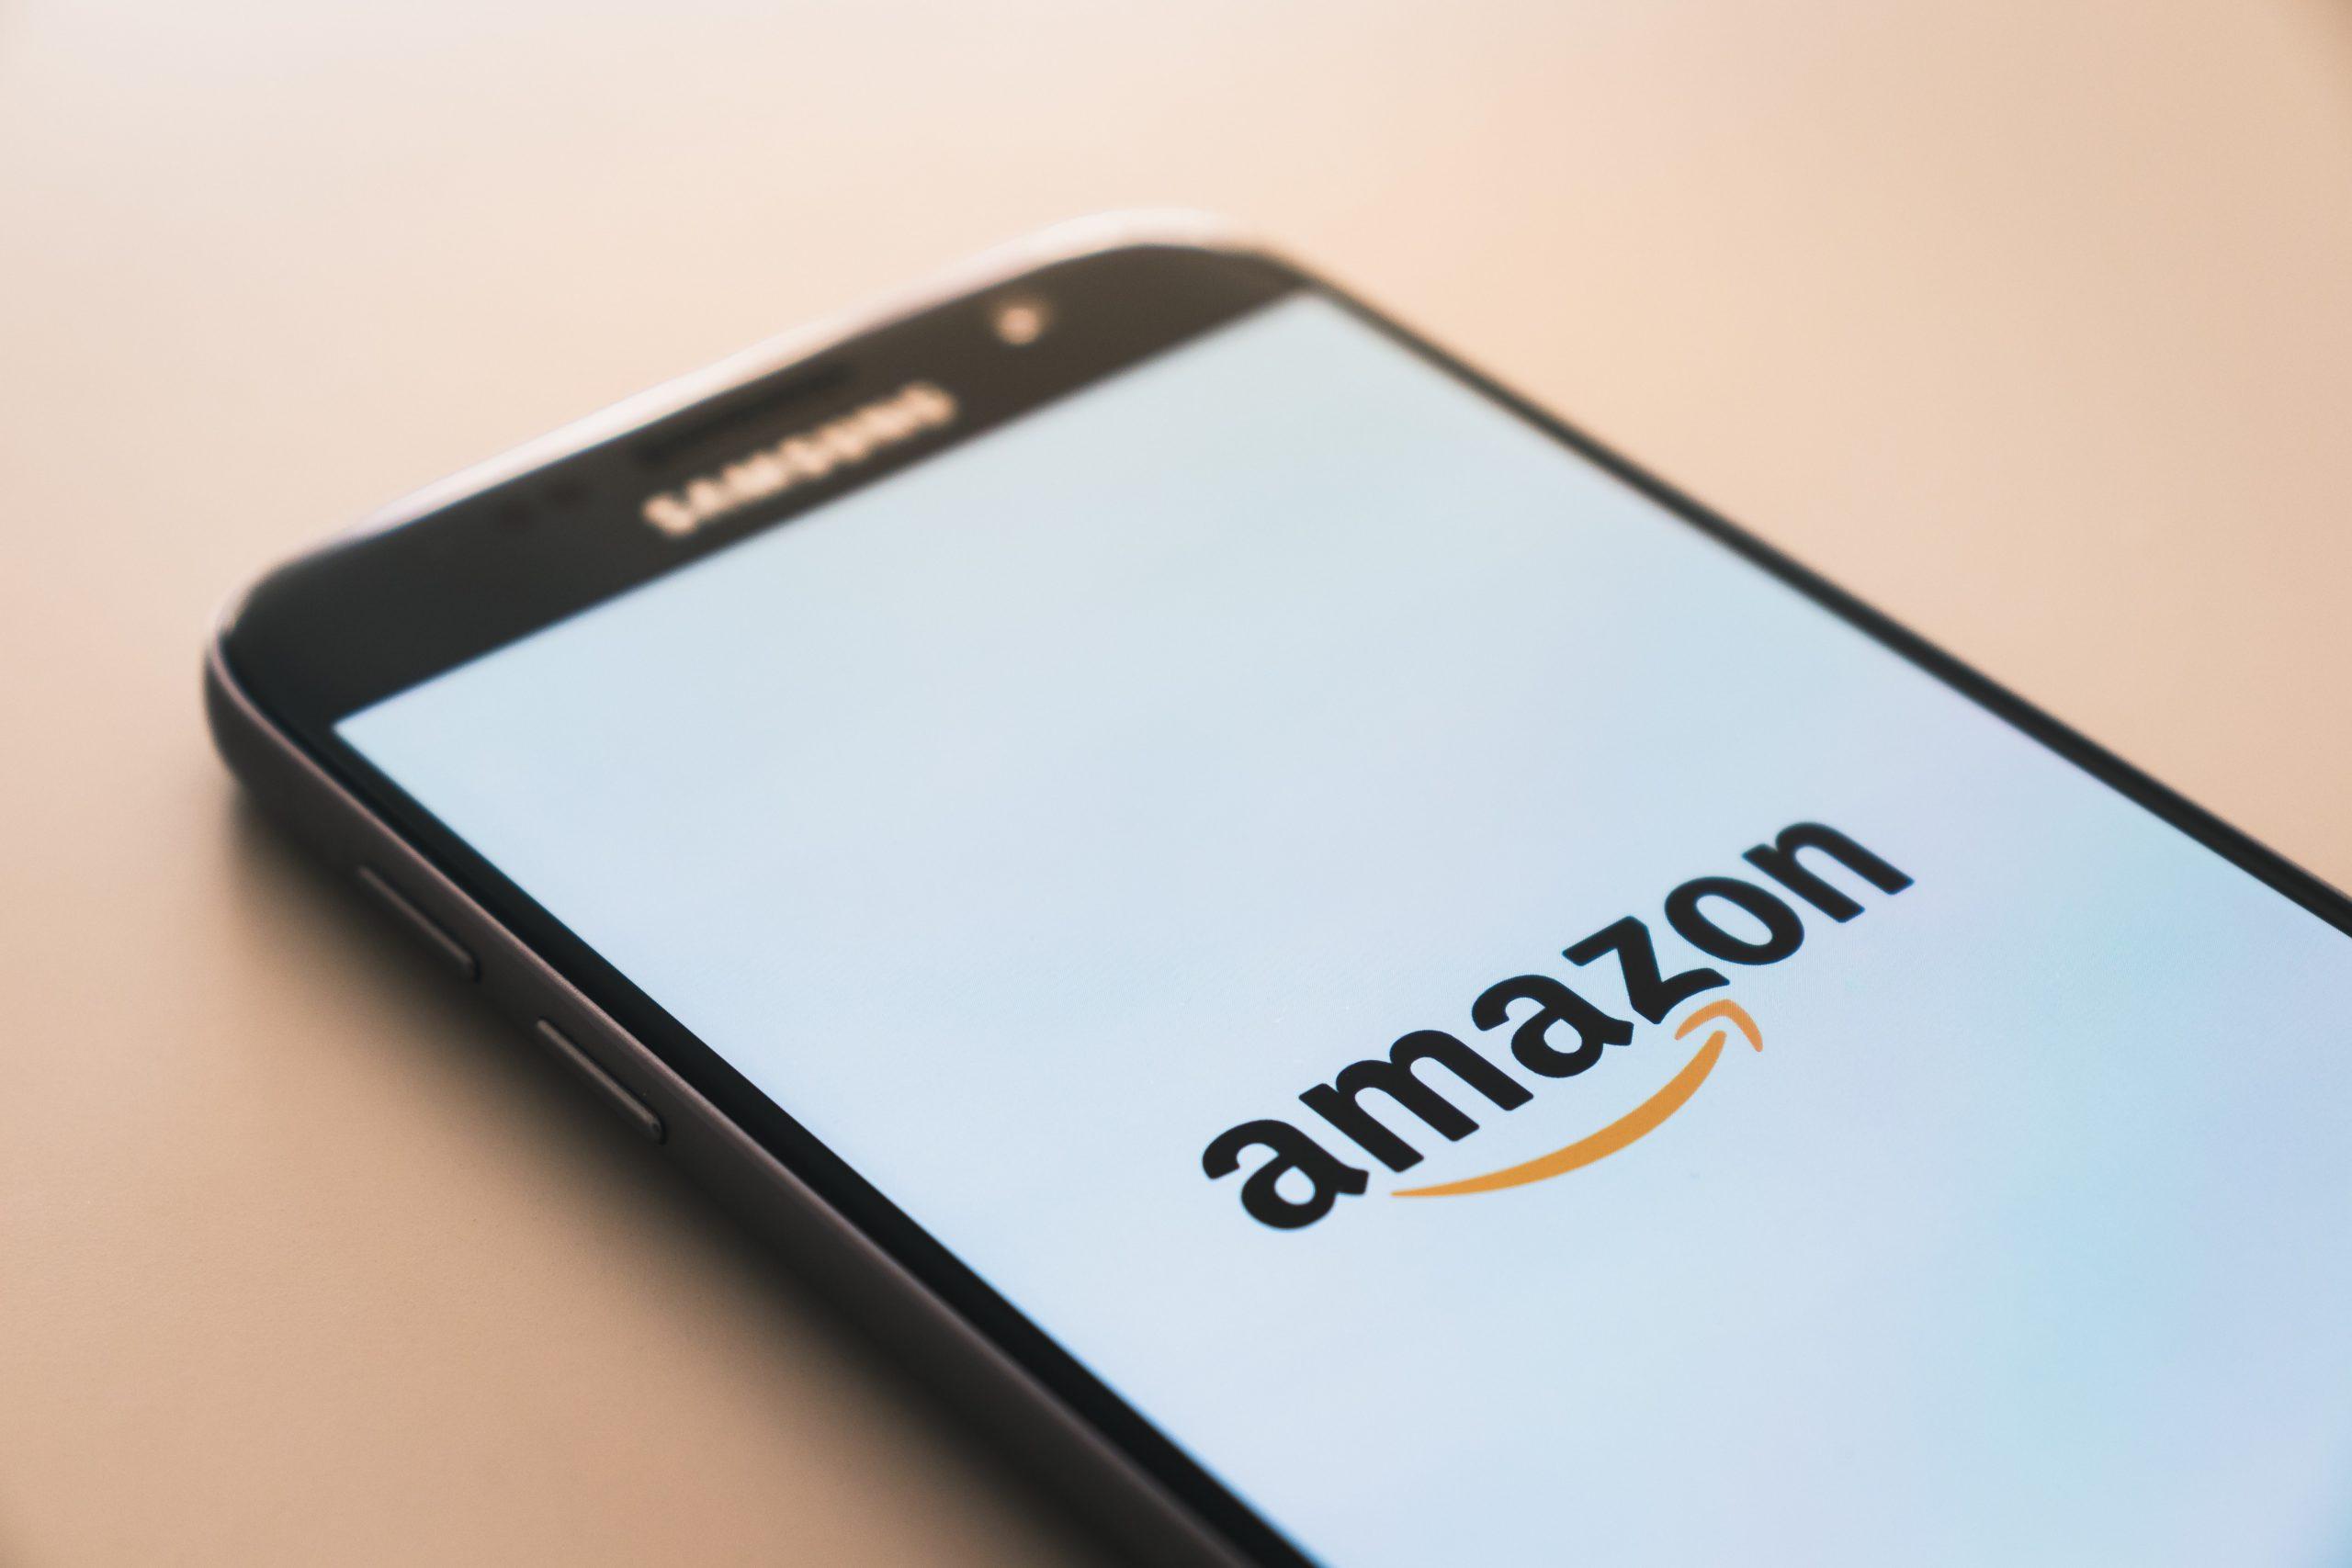 Как продавать на Амазоне в США? Пошаговая инструкция